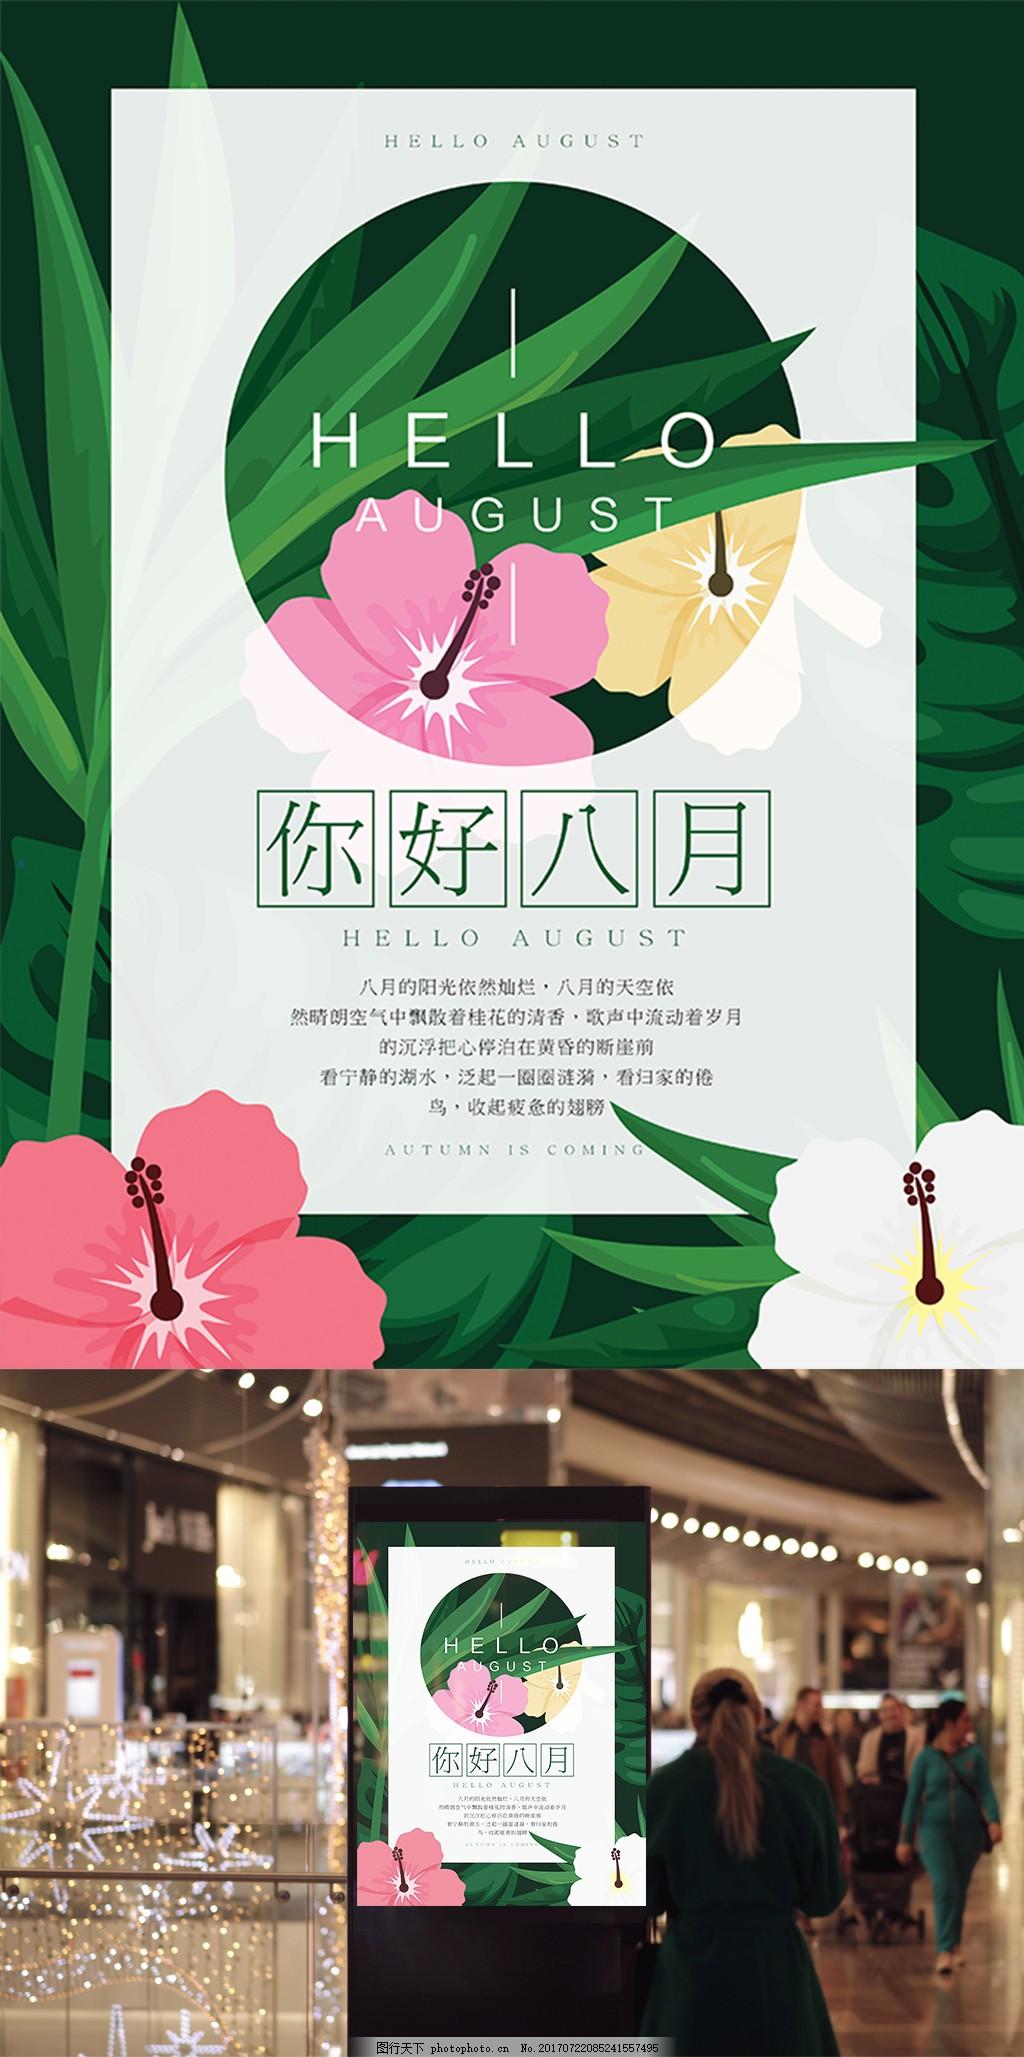 简约清新唯美你好八月朋友圈海报设计 小清新 文艺 八月你好 你好夏天